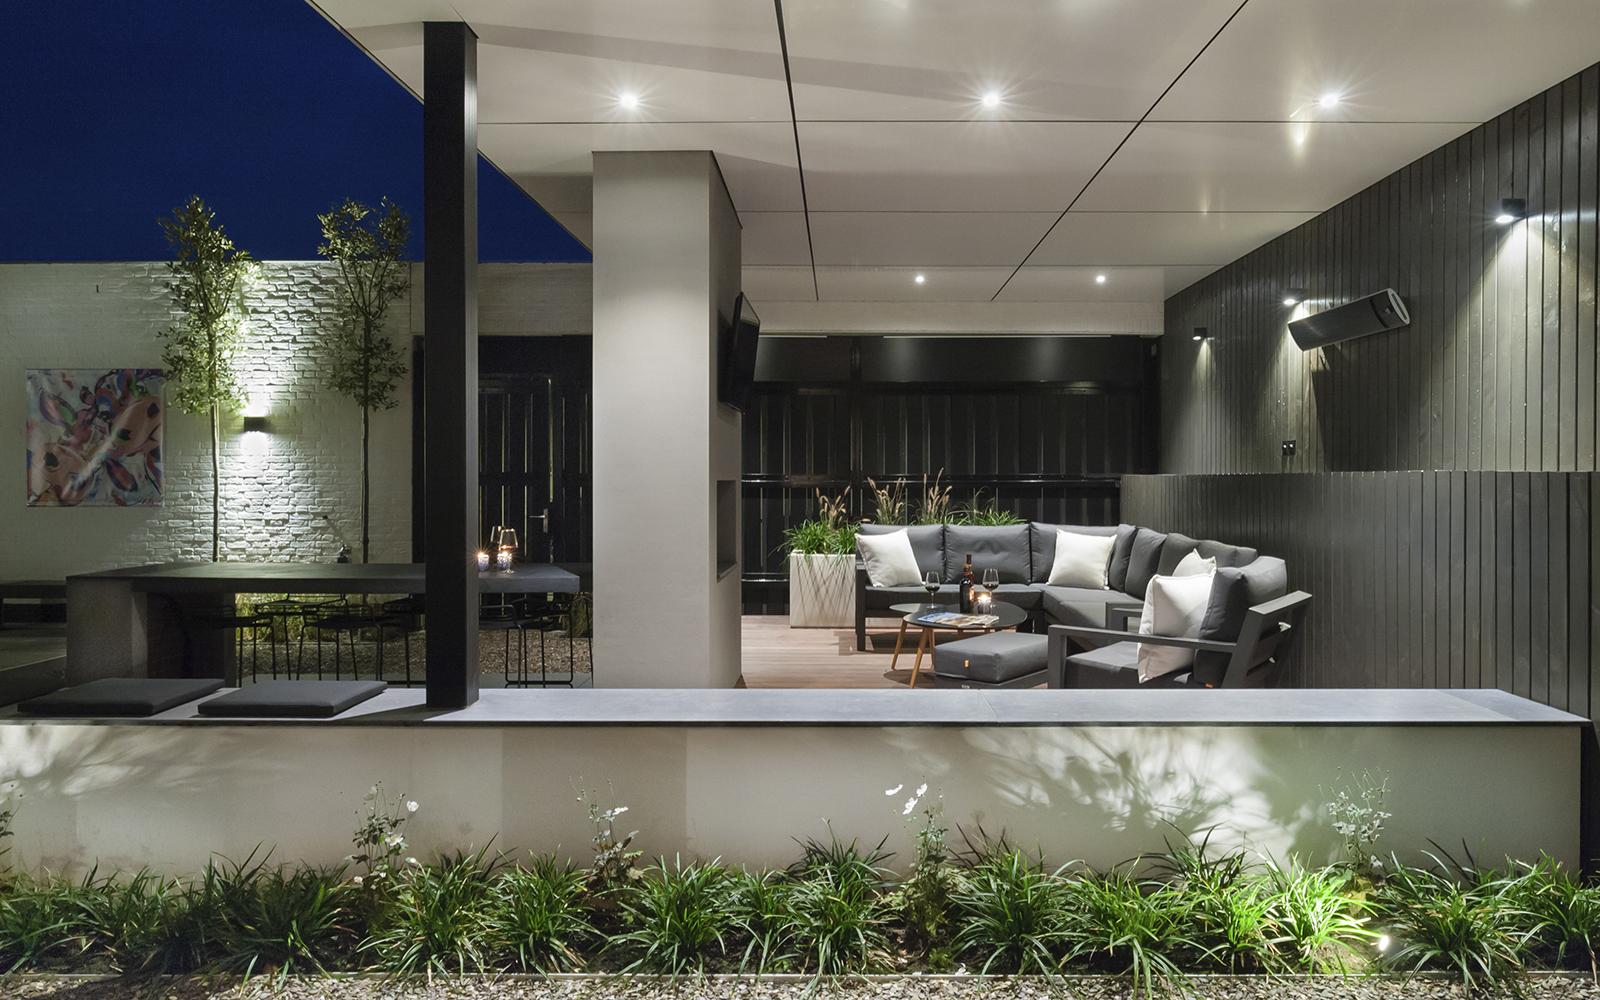 Event, woonbeurs, woonevent, the art of living, beurs voor wonen, knops tuindesign, exclusieve tuinen, luxe tuinontwerp